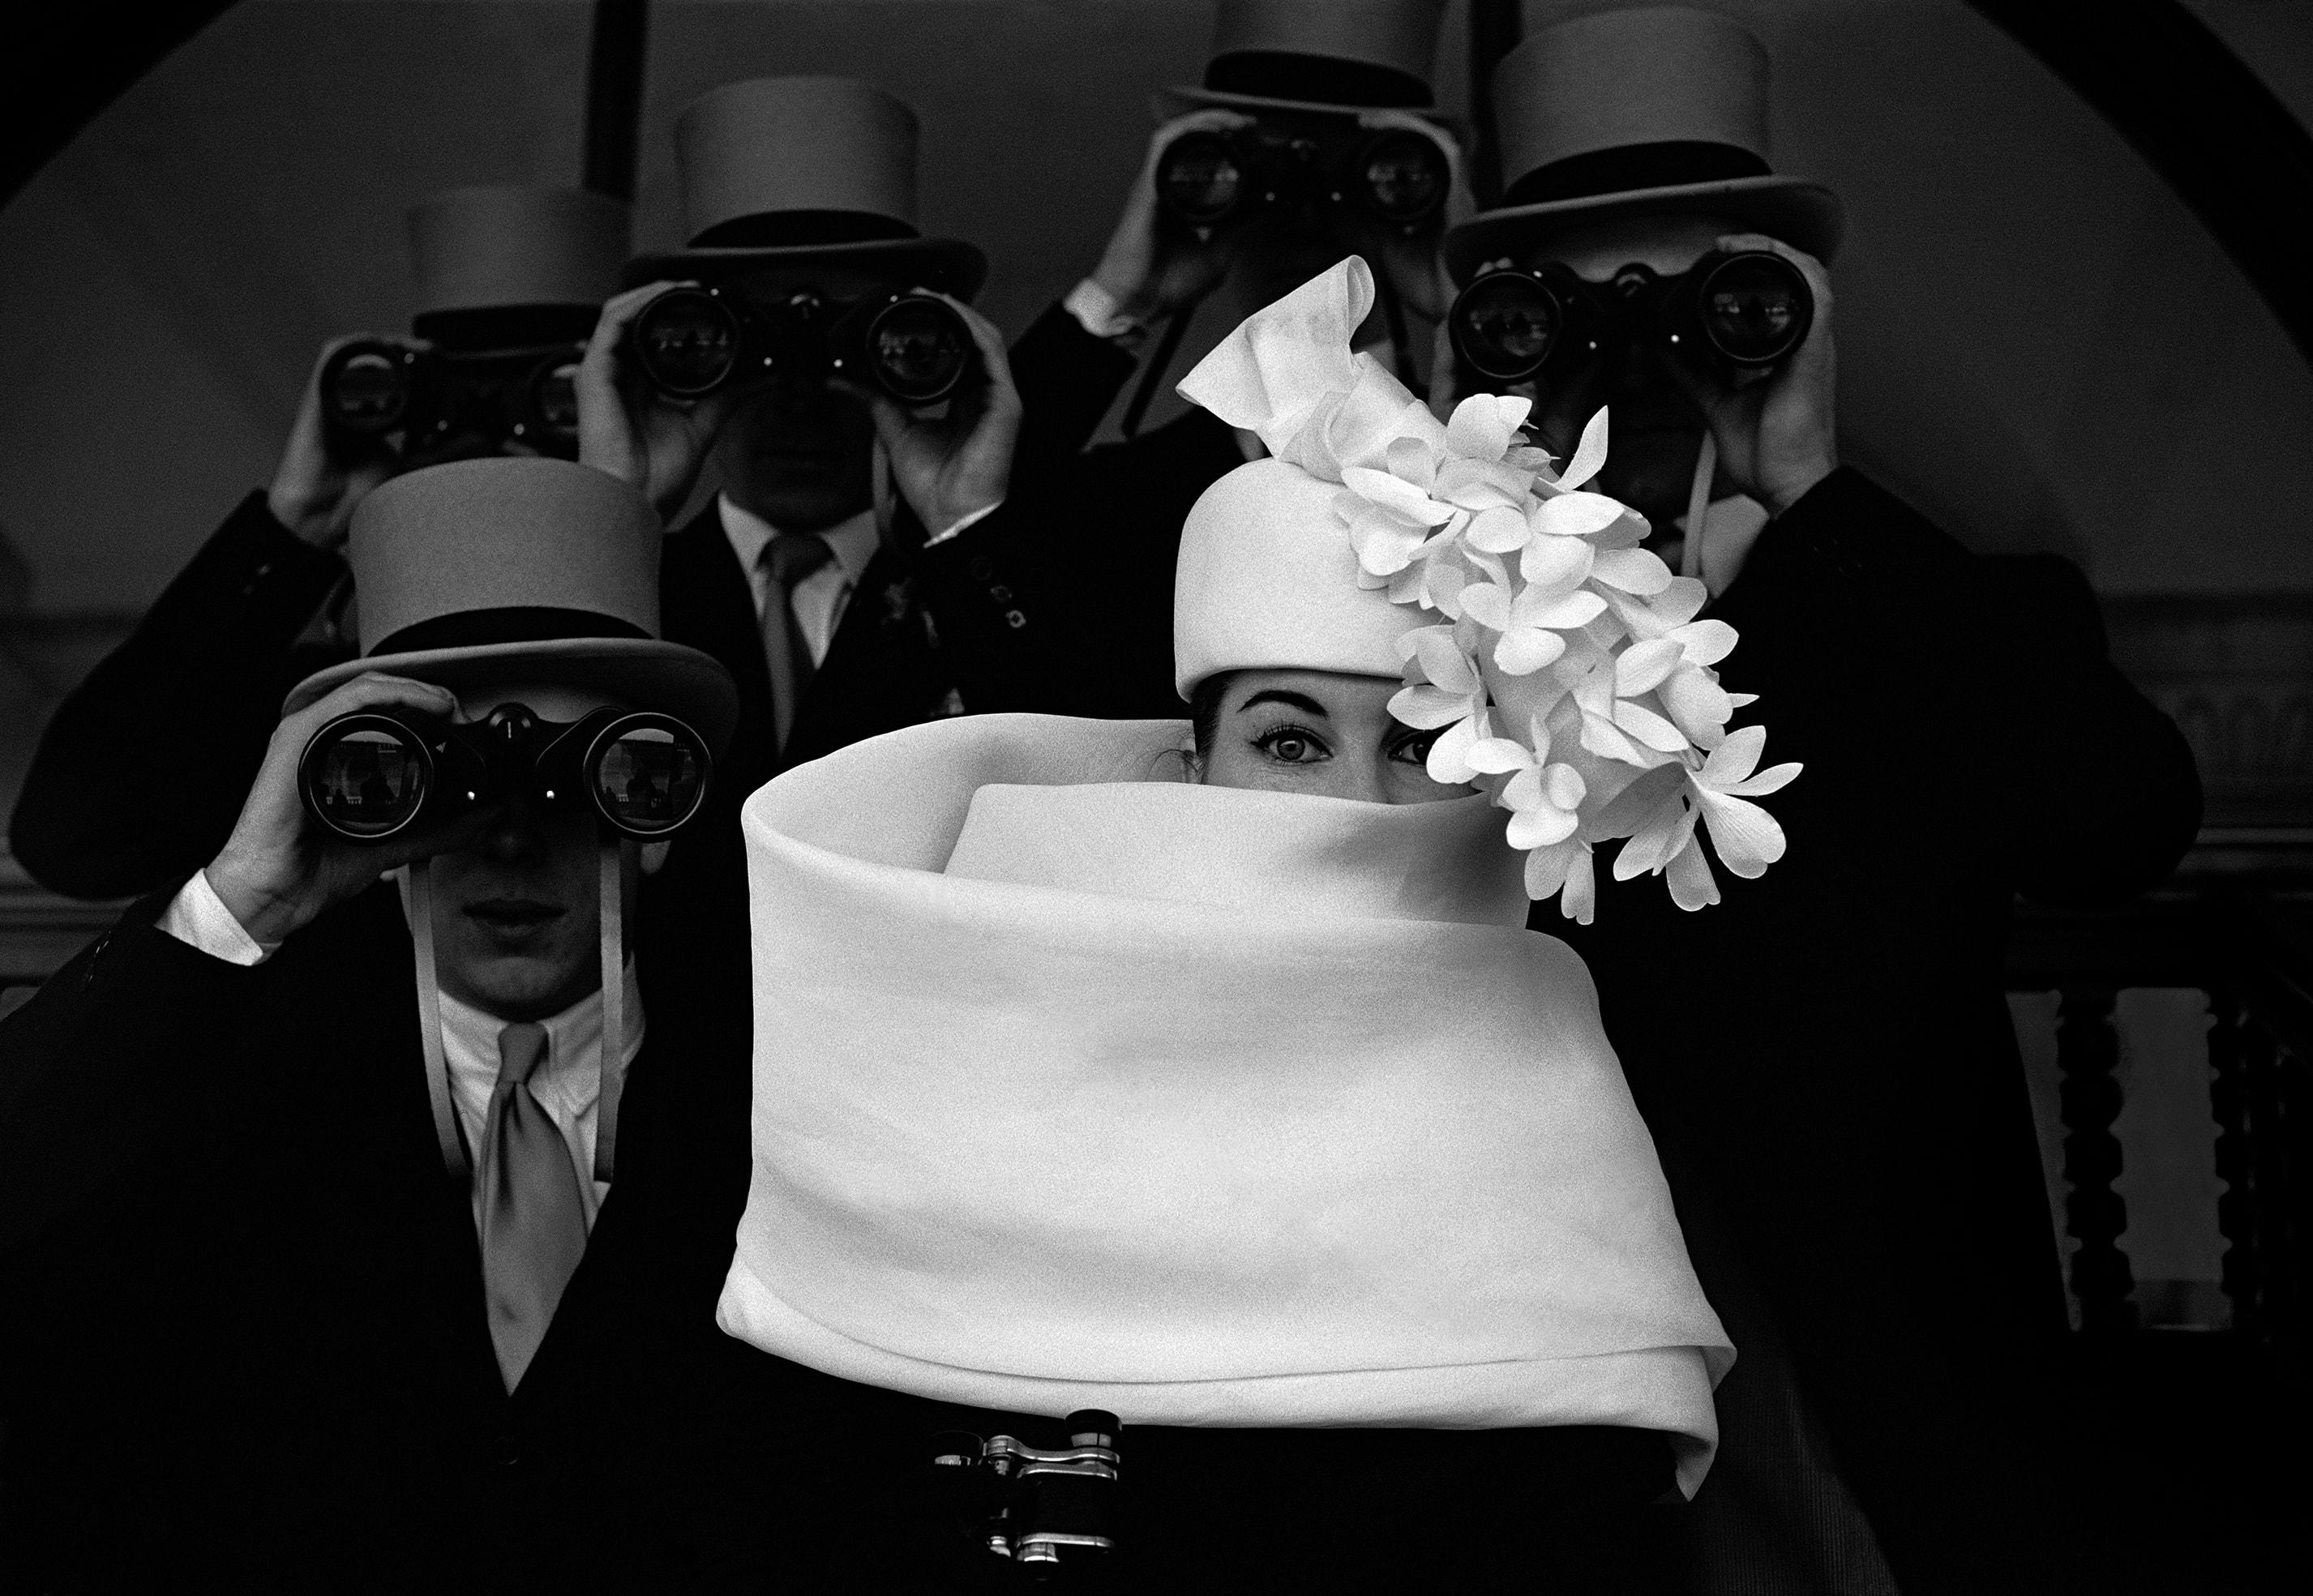 Barret de Givenchy per a 'Jardin des Modes'              | Frank Horvat